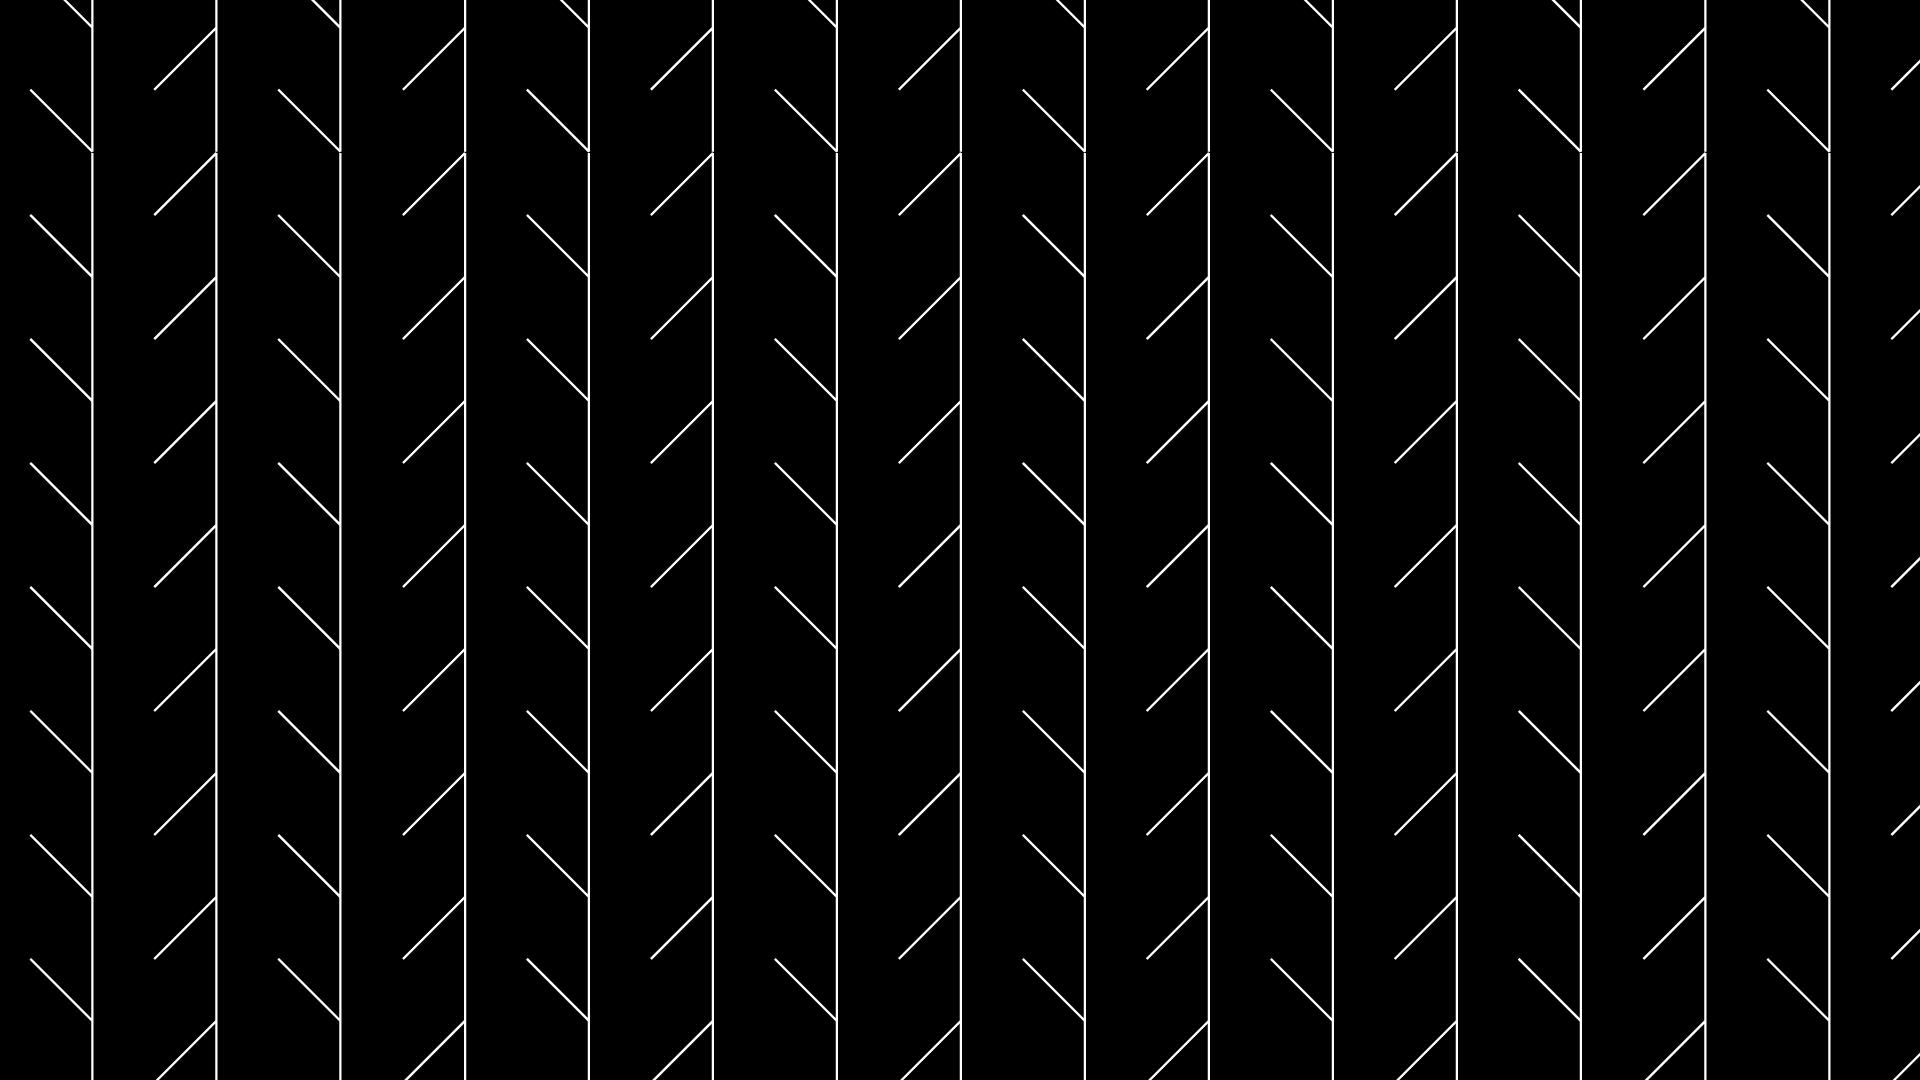 Padrões lineares para identiadde visual da empresa Beyond